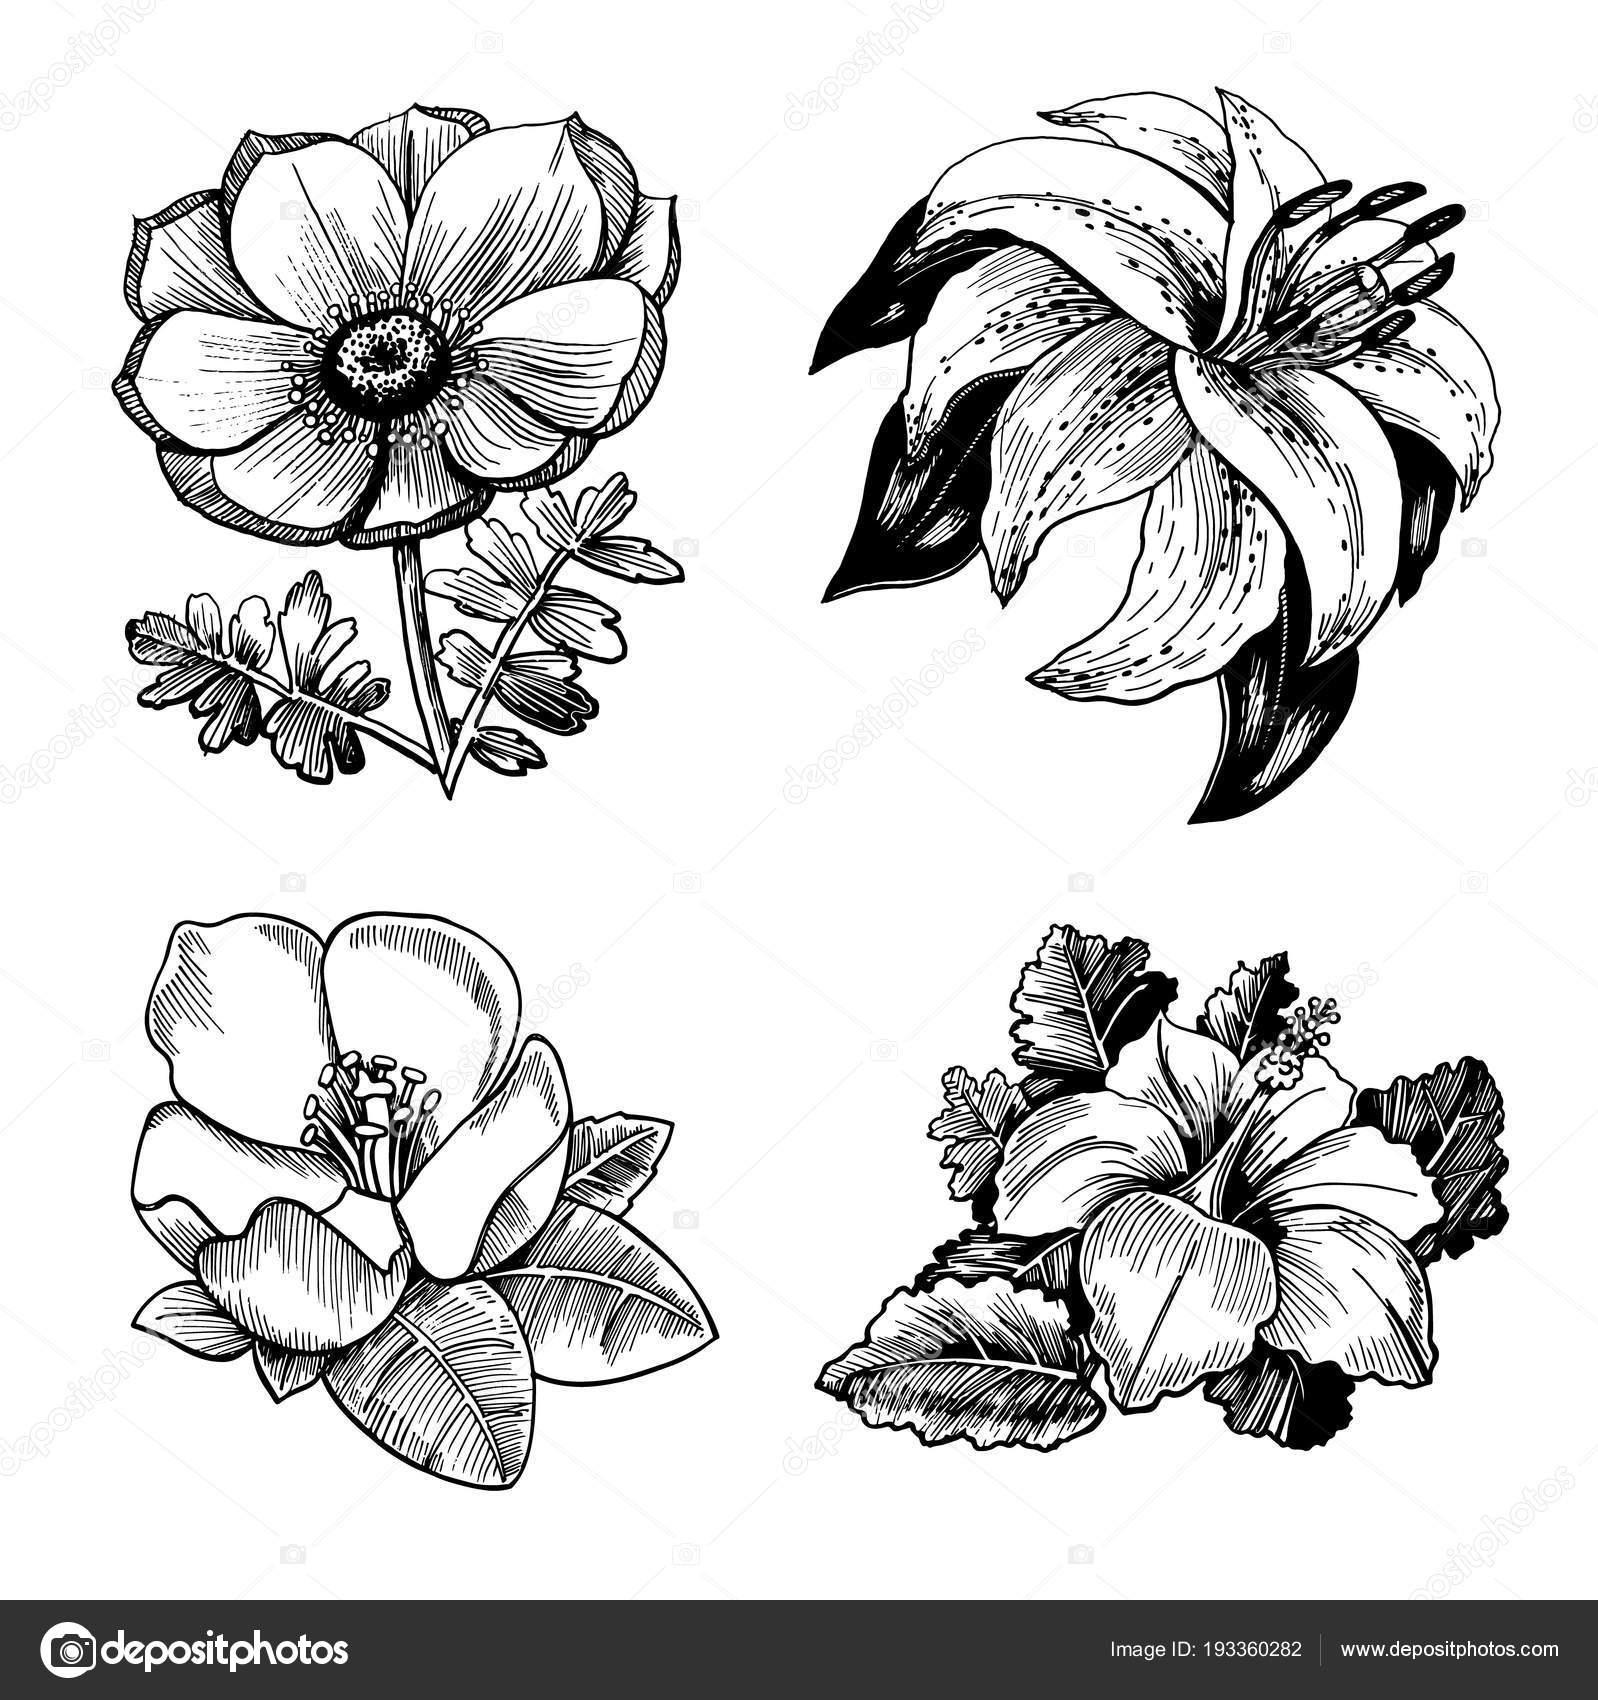 Conjunto Dibujos Realistas Flores Con Hojas Ilustracion Dibujado